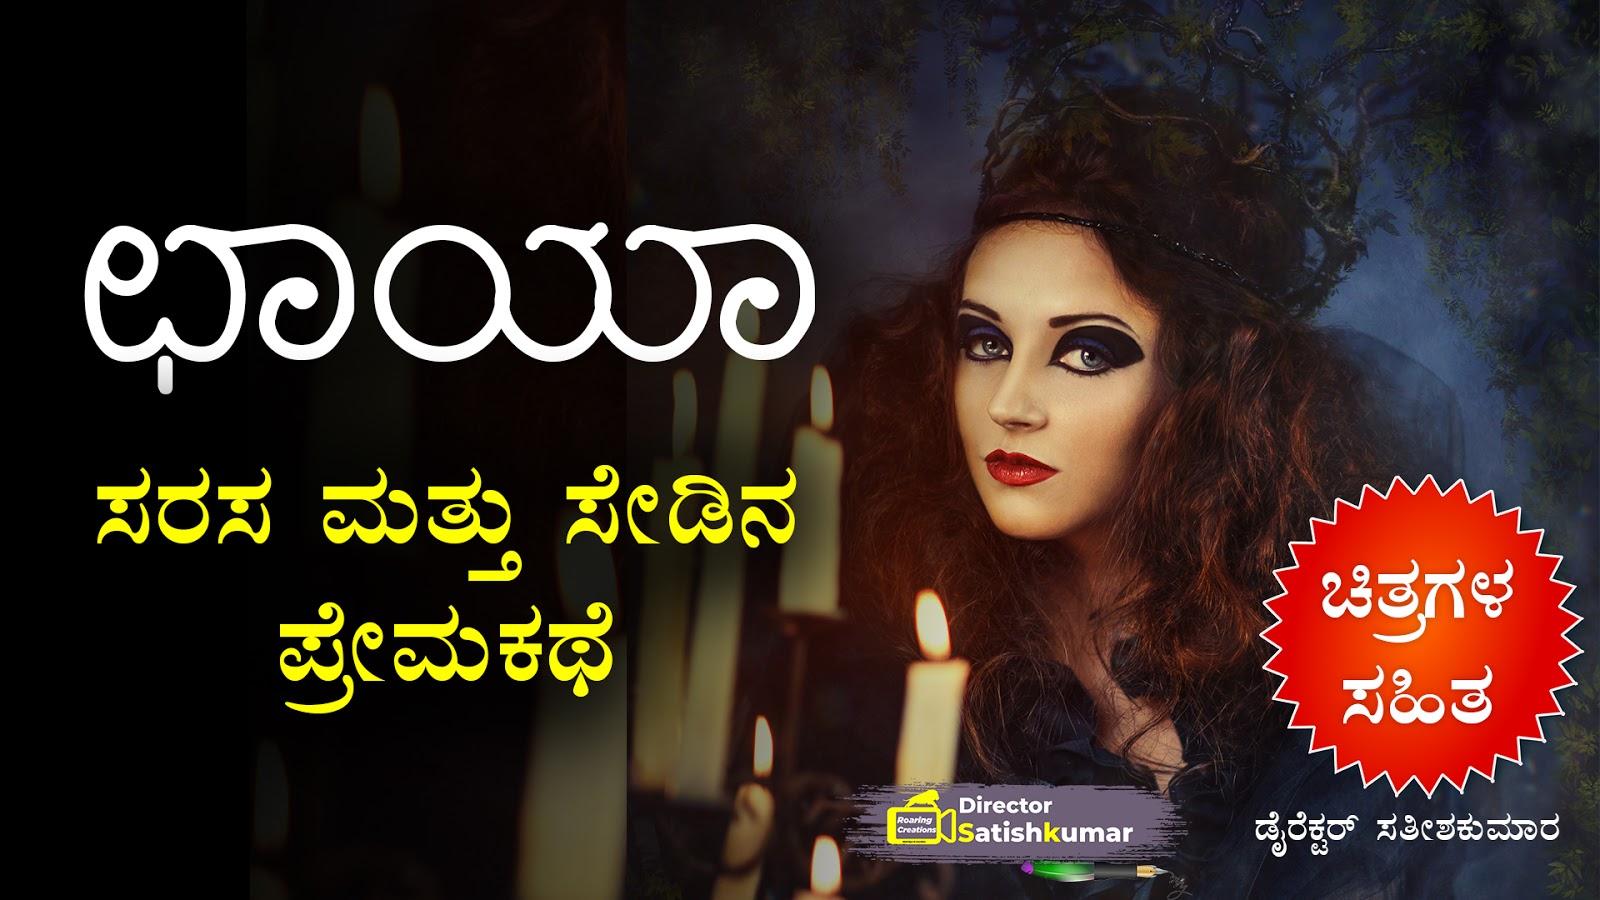 ಛಾಯಾ ;  ಸರಸ ಮತ್ತು ಸೇಡಿನ ಪ್ರೇಮಕಥೆ - Romance and Revenge Love Story in Kannada - ಕನ್ನಡ ಕಥೆ ಪುಸ್ತಕಗಳು - Kannada Story Books -  E Books Kannada - Kannada Books